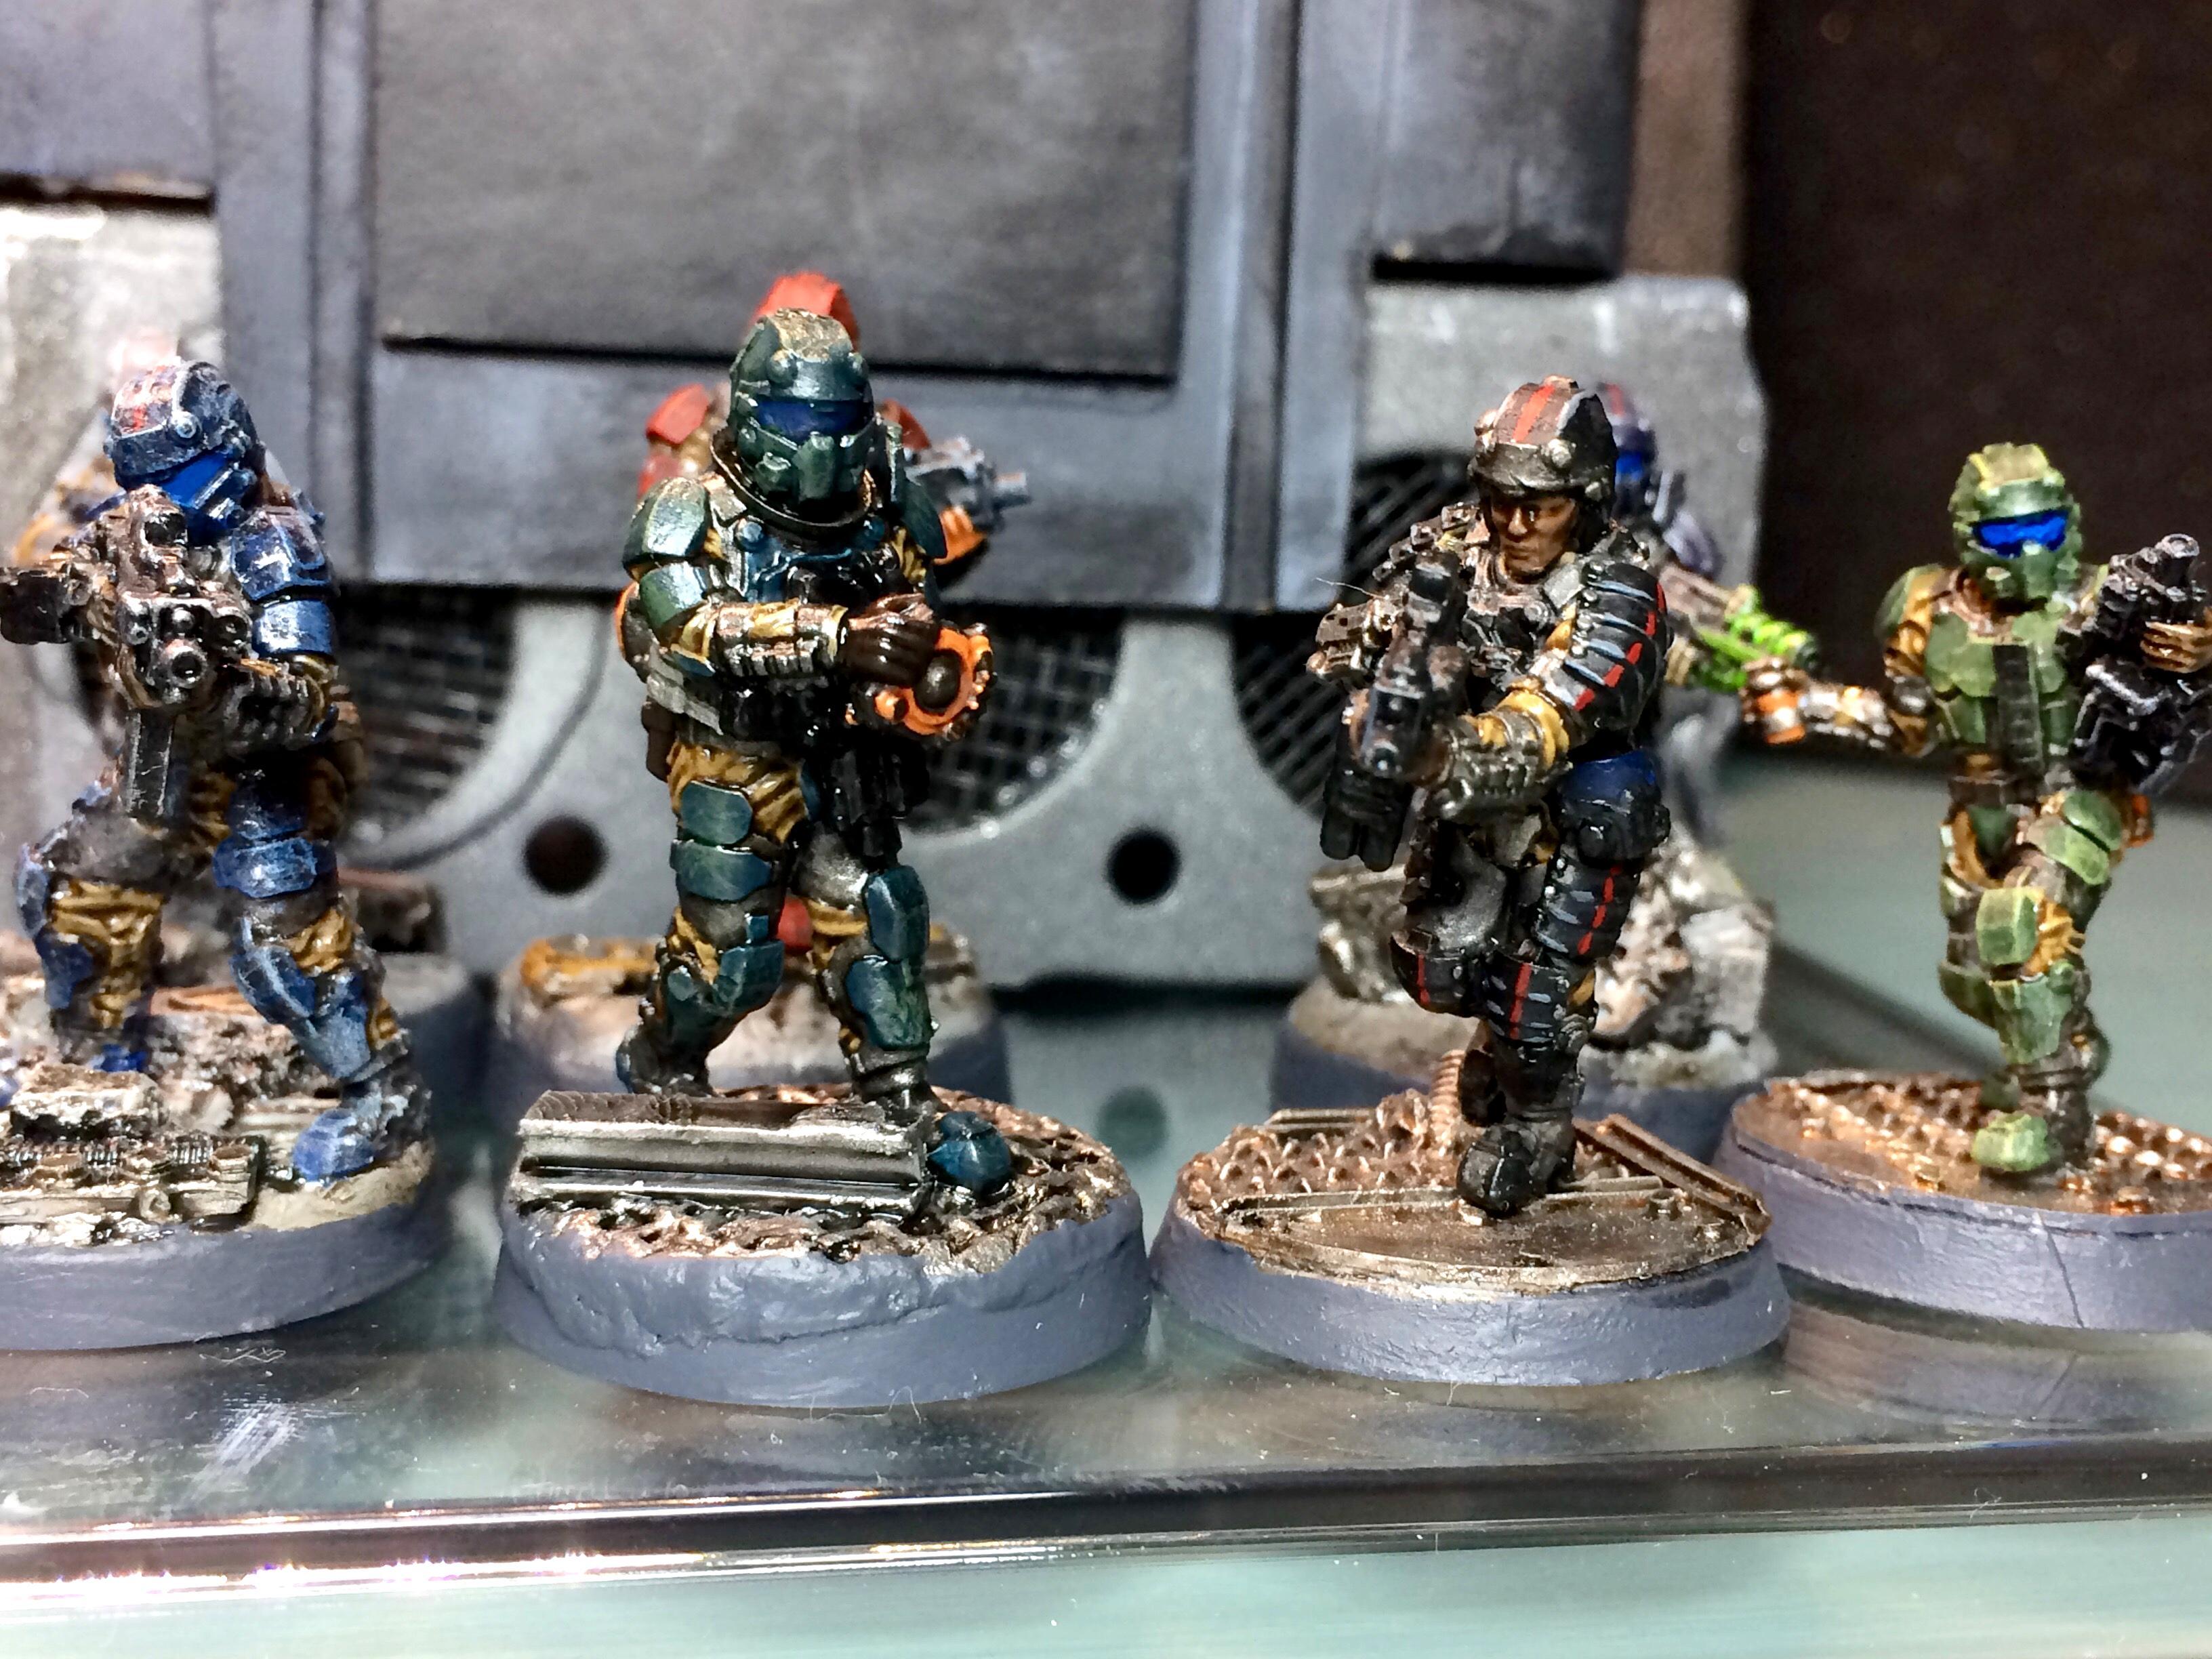 Afterlife, Anvil Industry, Idaho Yoshida, Republic, Republic Commandos